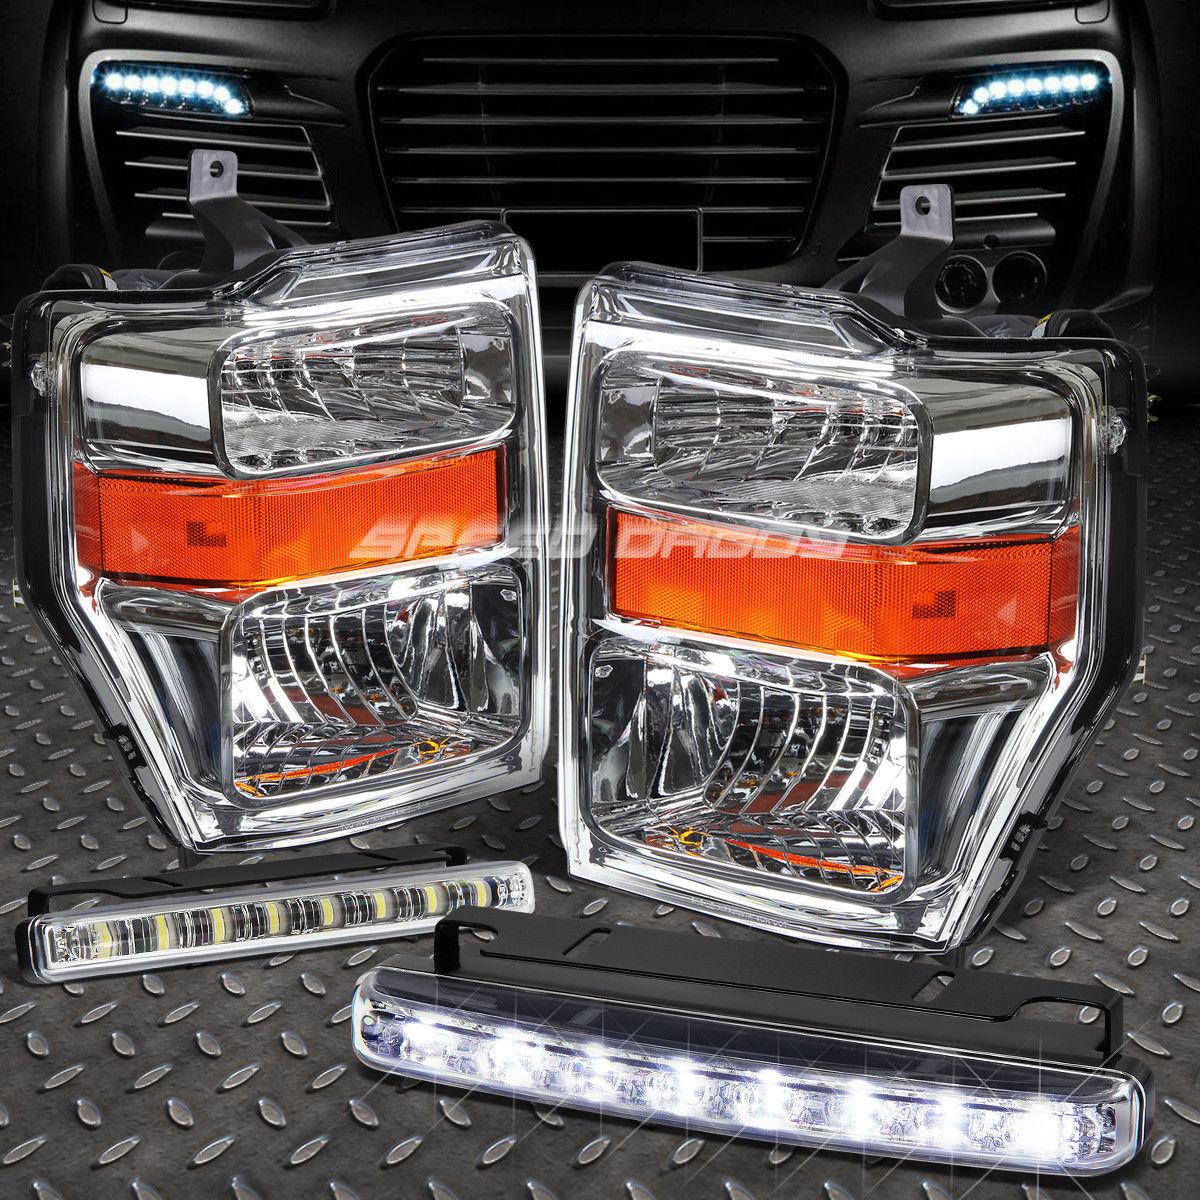 フォグライト CHROME LENS HEADLIGHT AMBER CORNER+8 LED GRILL FOG LIGHT FOR 08-10 SUPERDUTY CHROME LENS HEADLIGHTアンバーコーナー+ 8-10グリルフォグライト08-10 SUPERDUTY